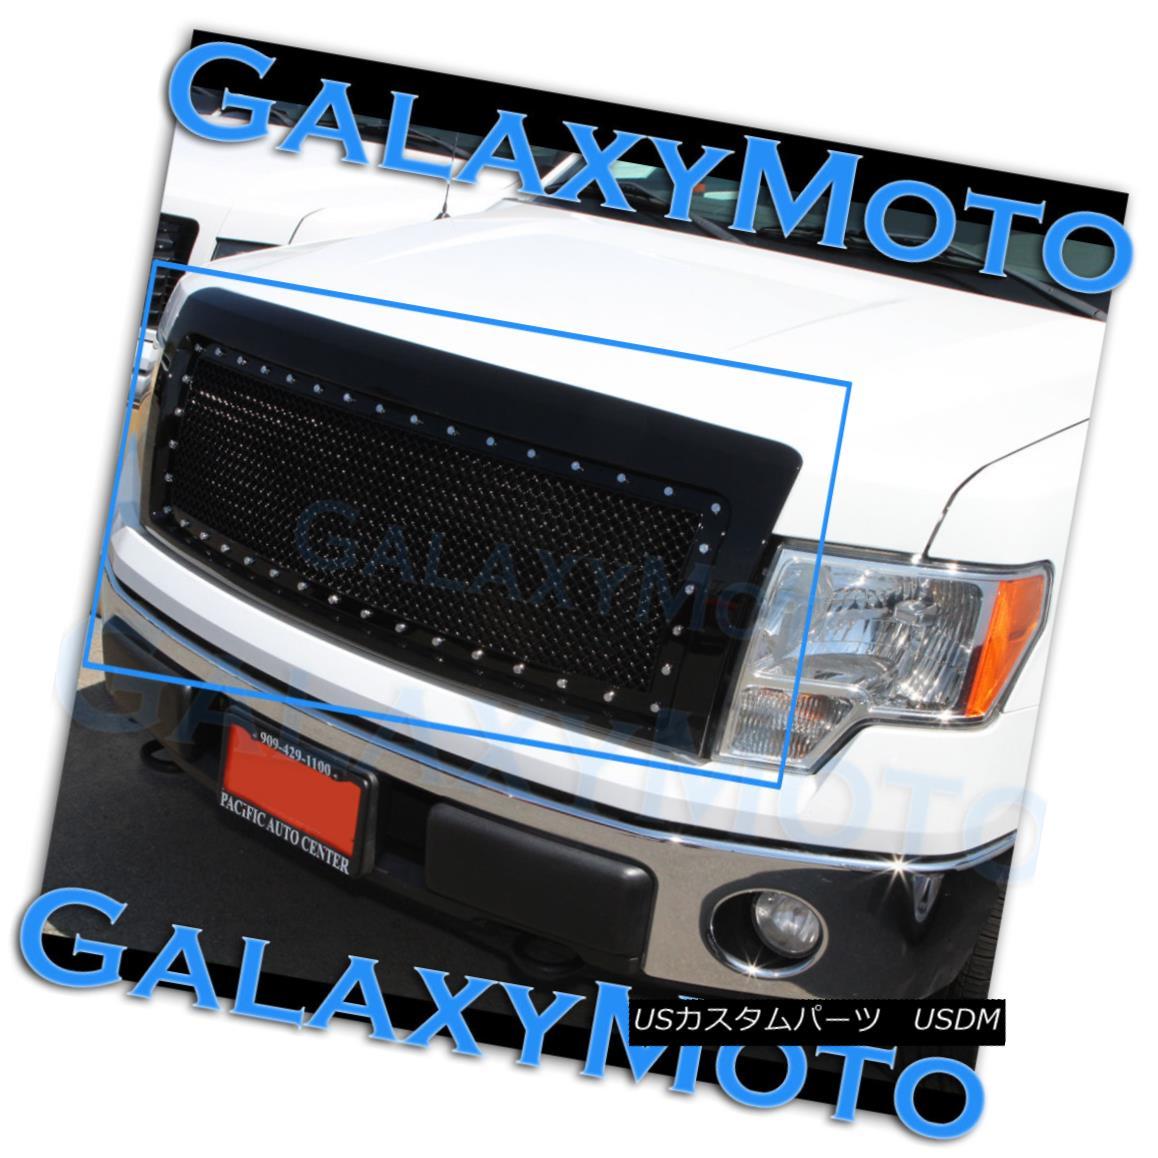 グリル 09-14 Ford F150 Direct Replacement Chrome Rivet+Gloss Black Mesh Grille+Shell 09-14フォードF150ダイレクト交換クロムリベット+グロスブラックメッシュグリル+シェル